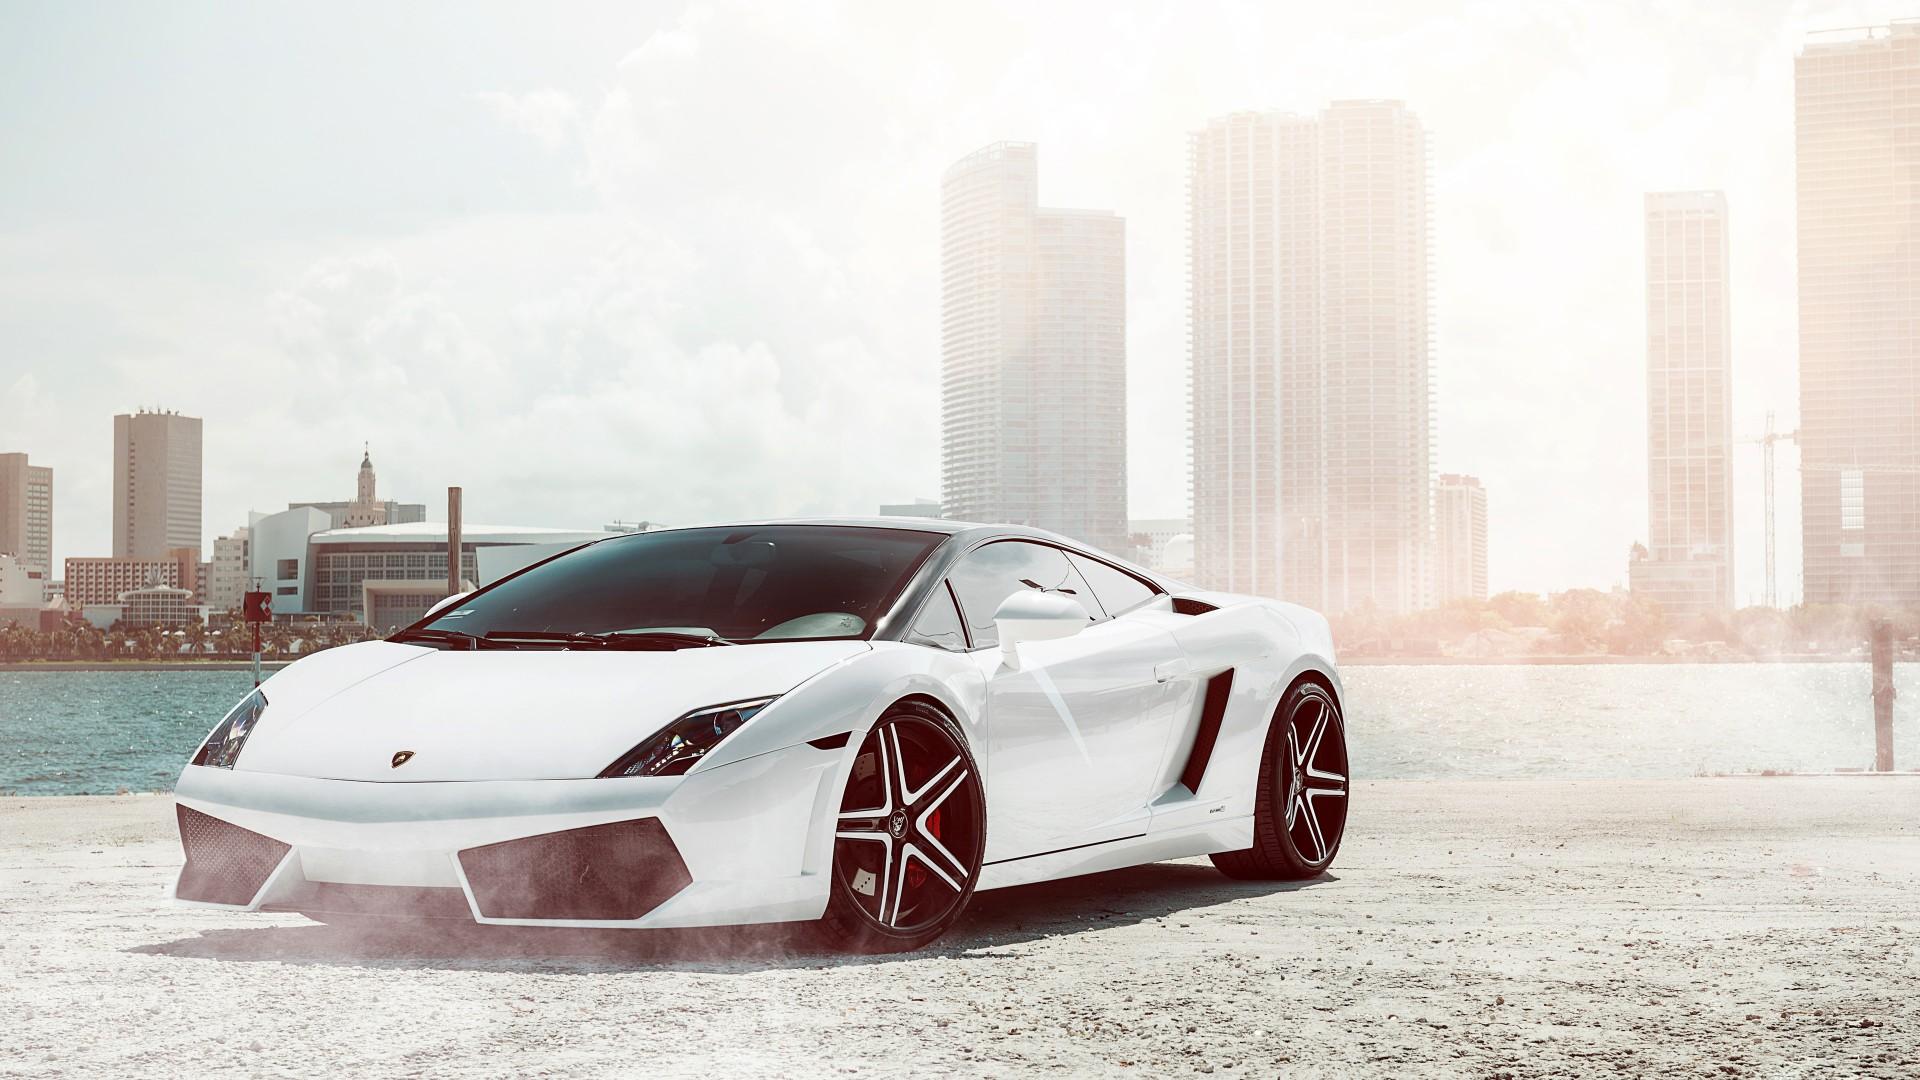 Lamborghini Aventador Car 4k Hd Desktop Wallpaper For 4k: Lamborghini Gallardo White Wallpaper